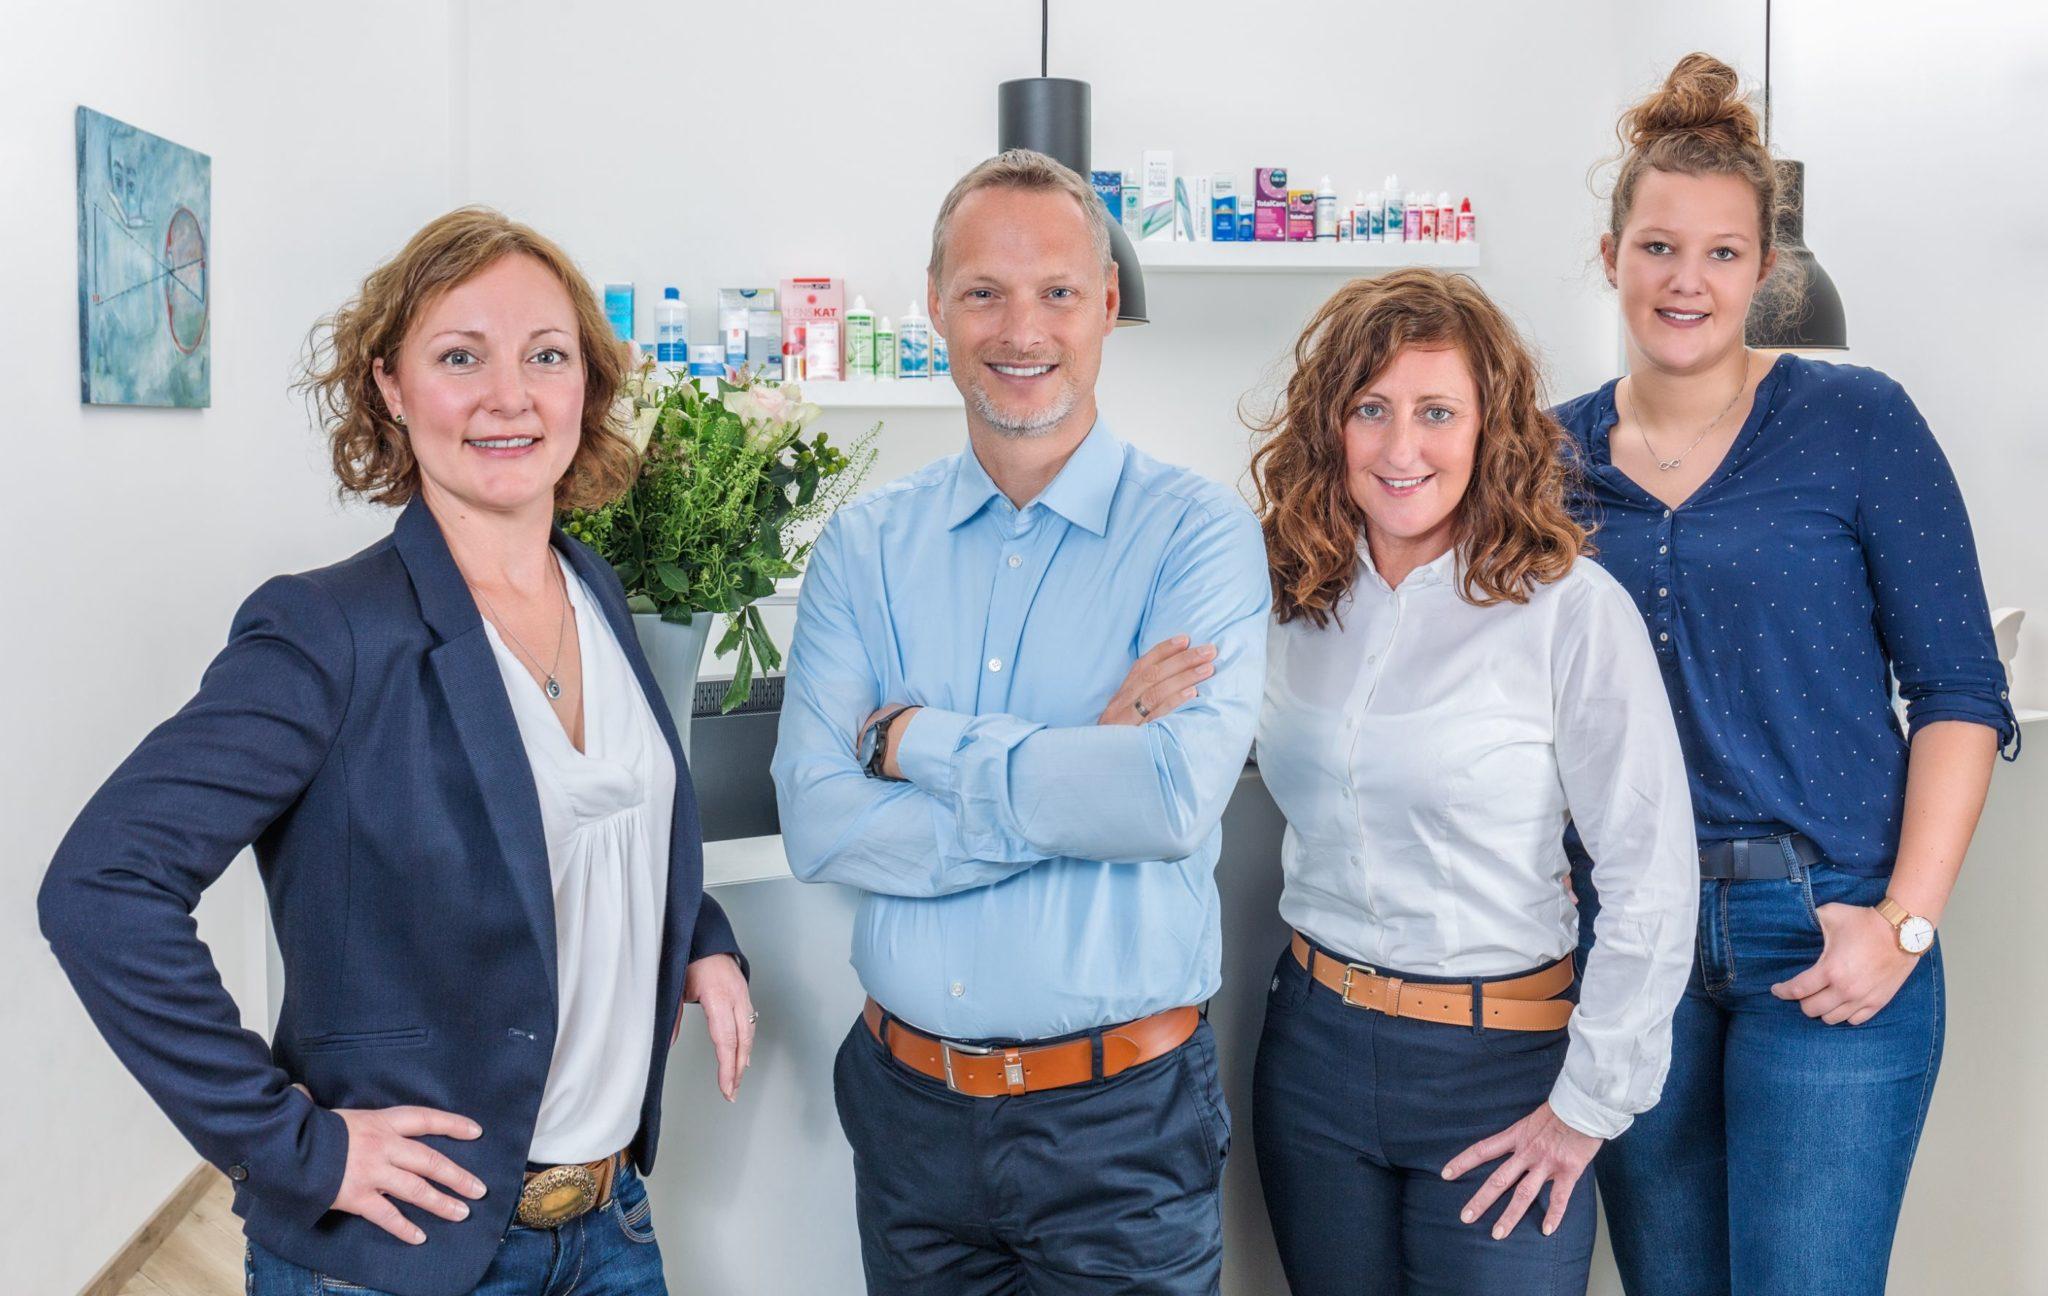 Ruge Contactlinsen Team kontaktlinsen Hamburg